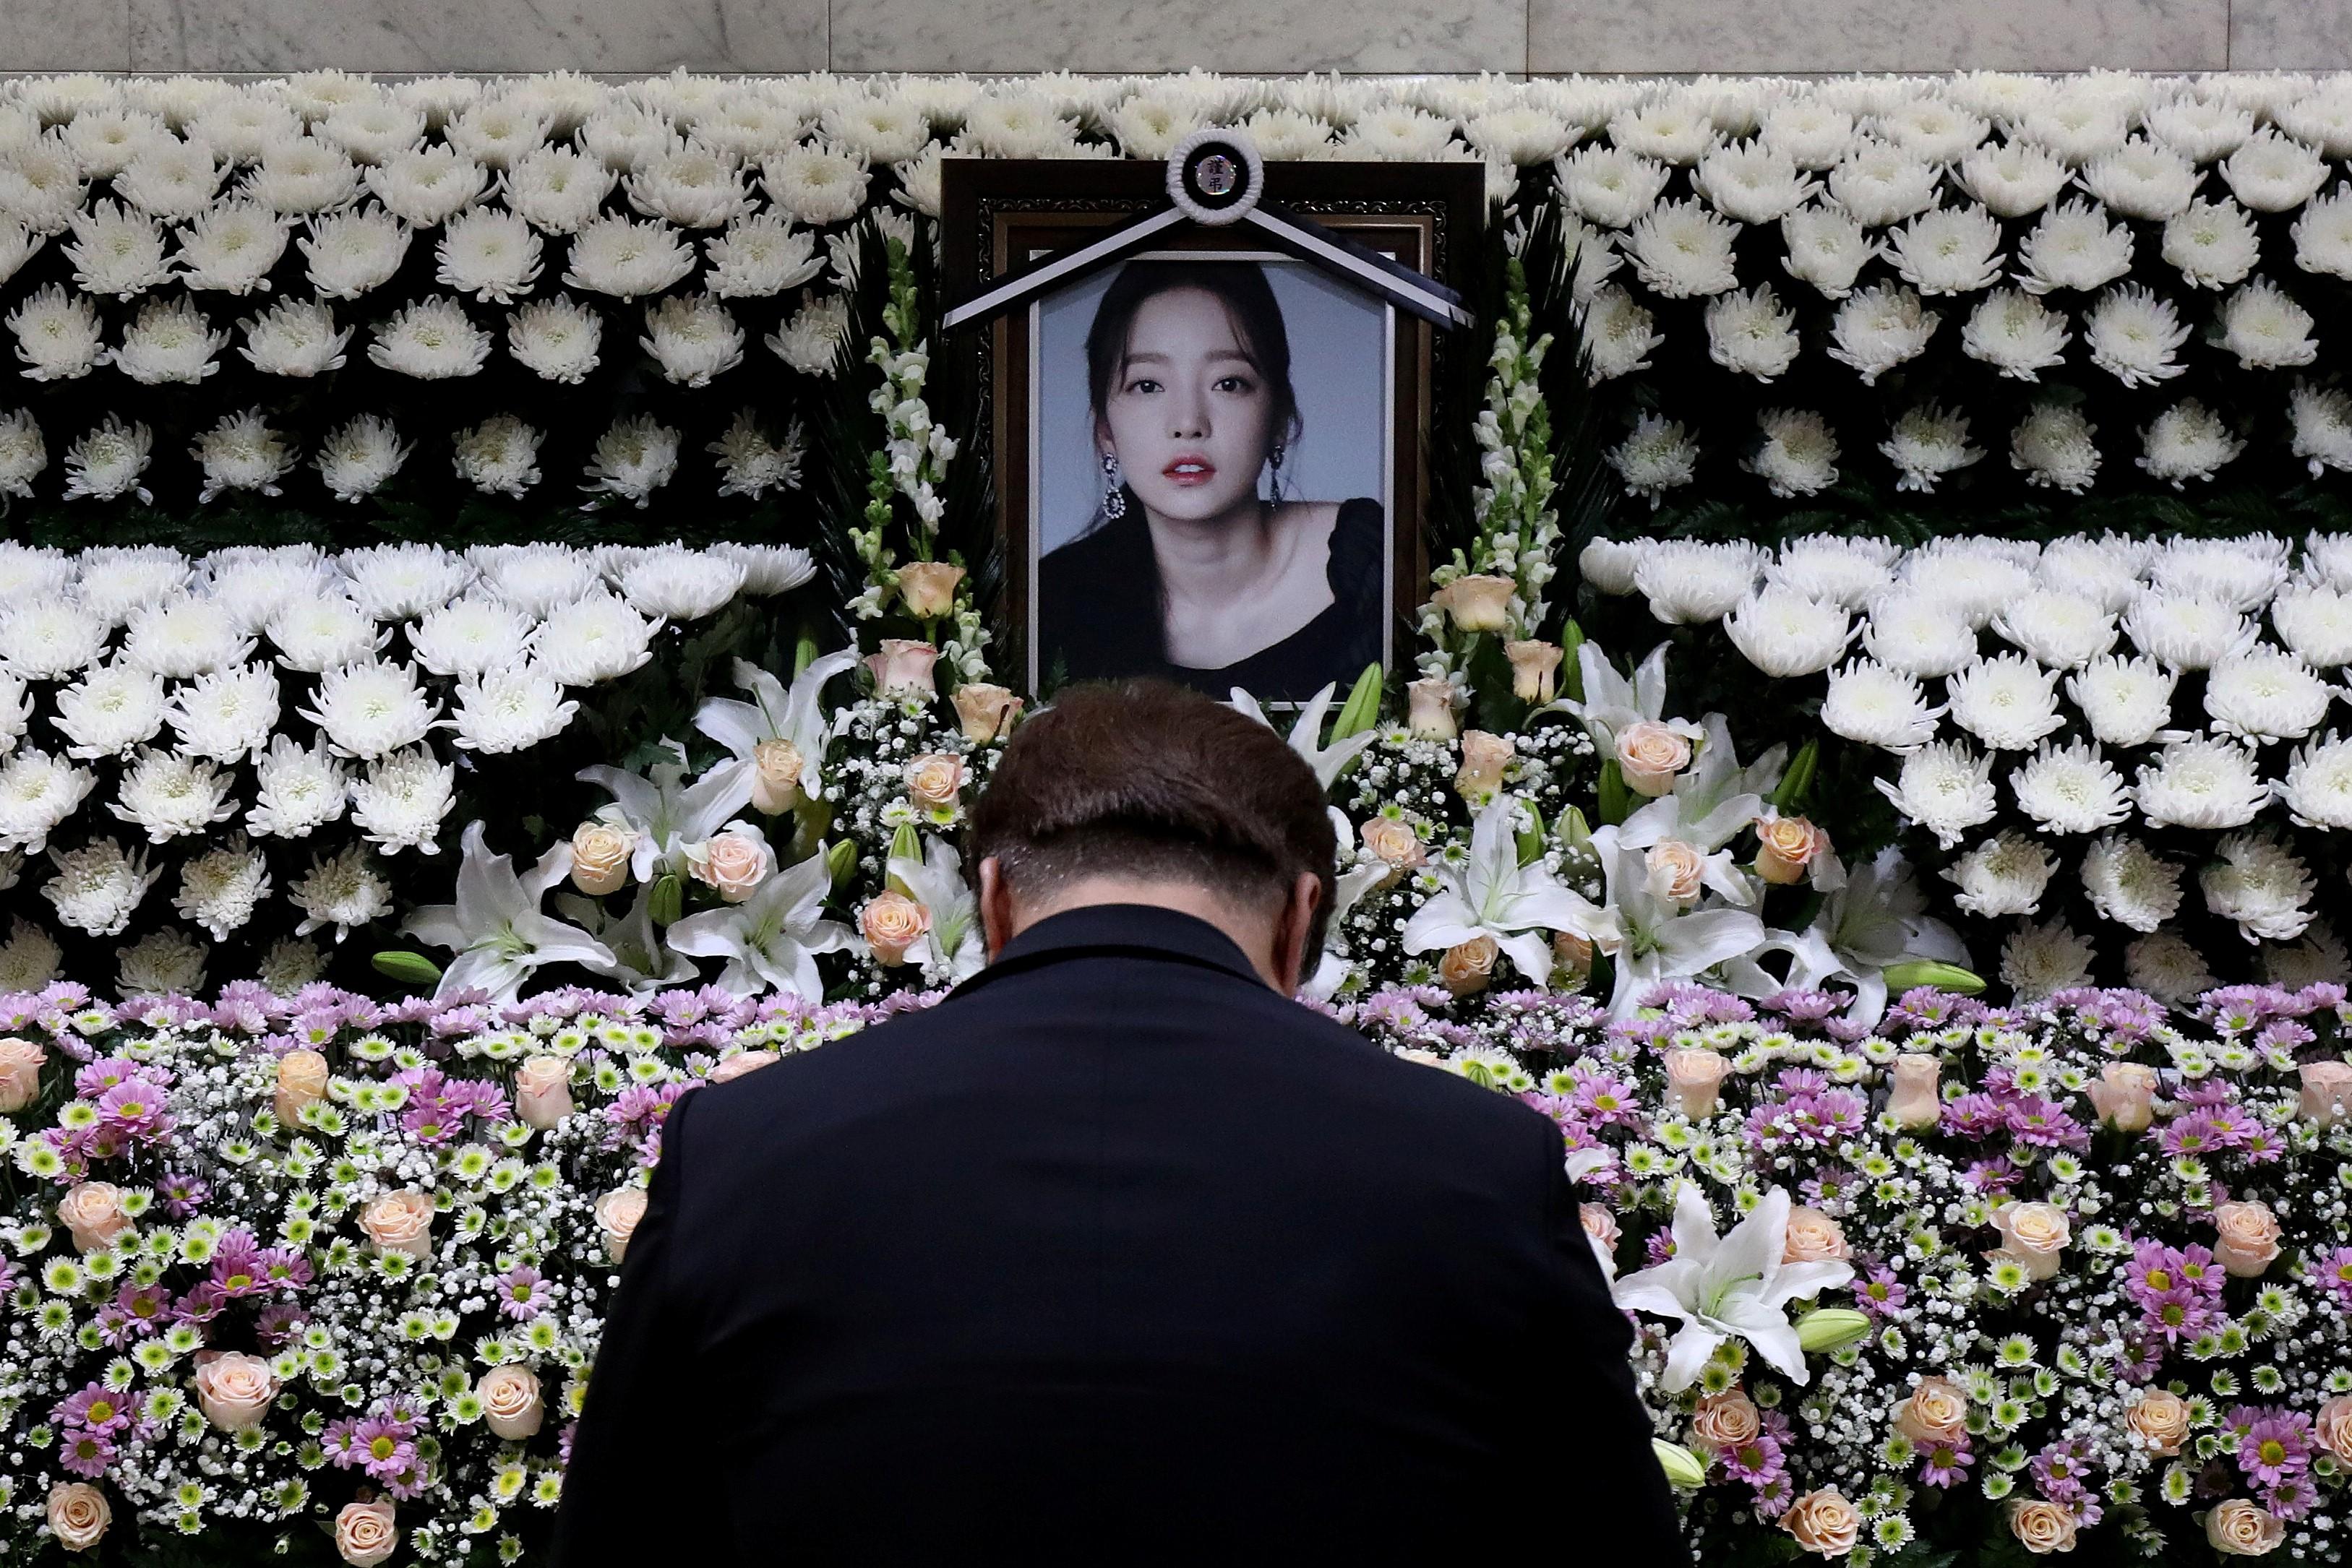 Tang lễ của Goo Hara do một mình anh trai đứng ra lo liệu, bố mẹ không có mặt.